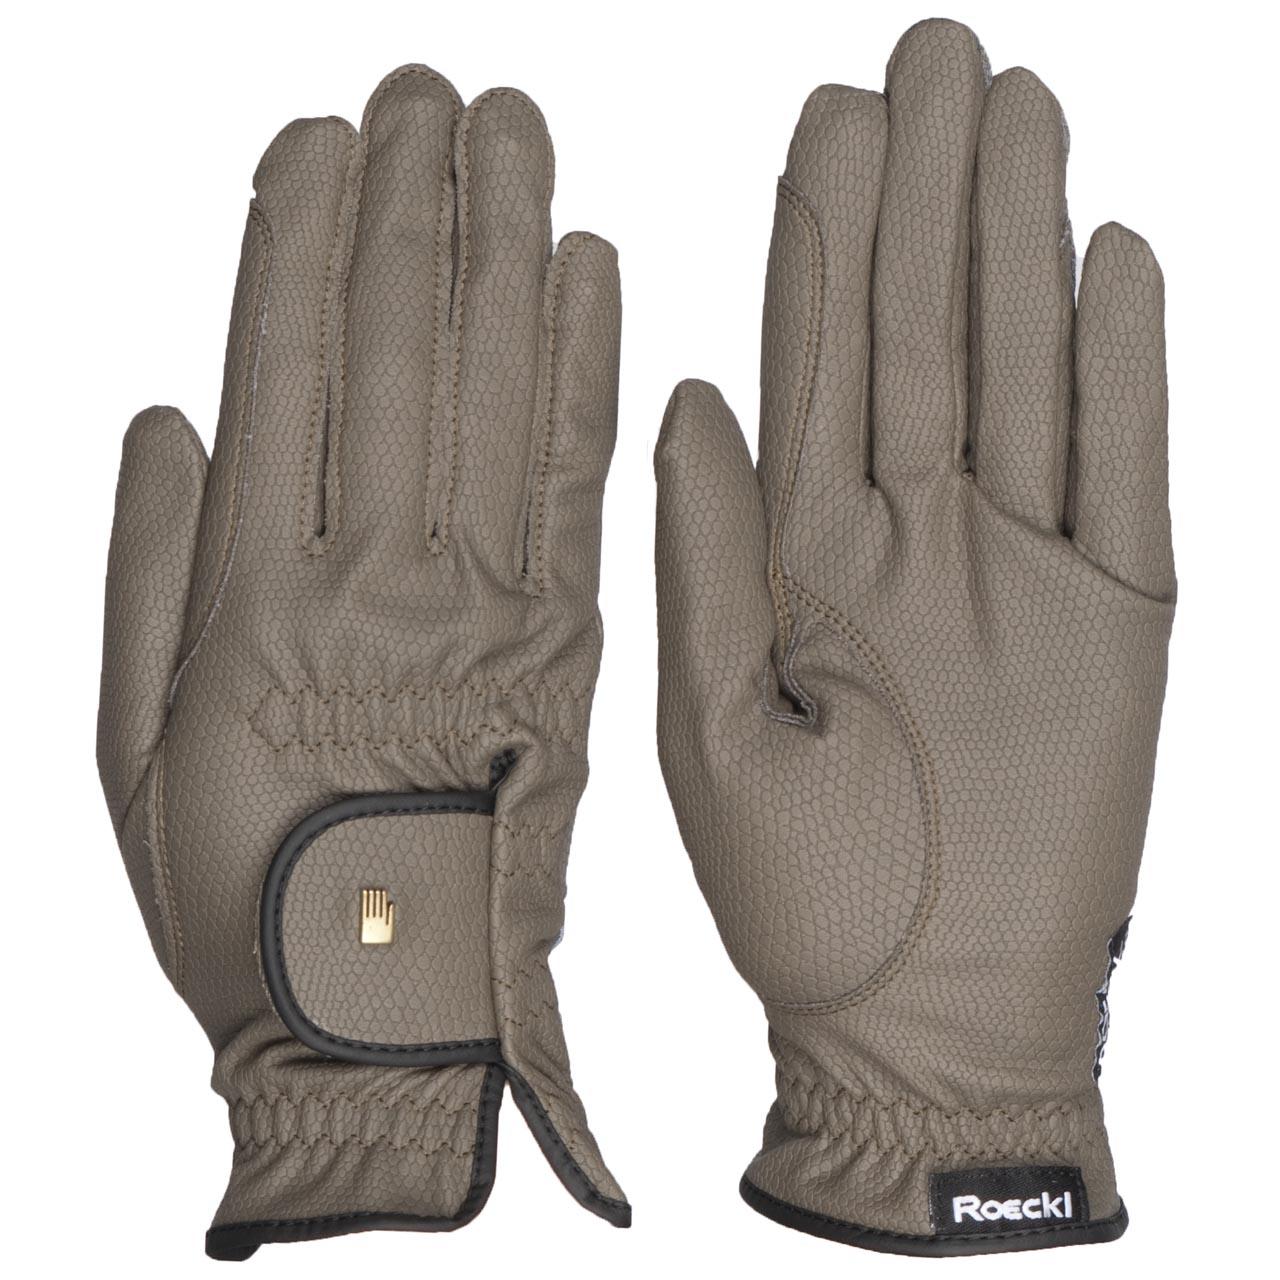 Roeckl Roeck grip Handschoen olijf maat:7,5